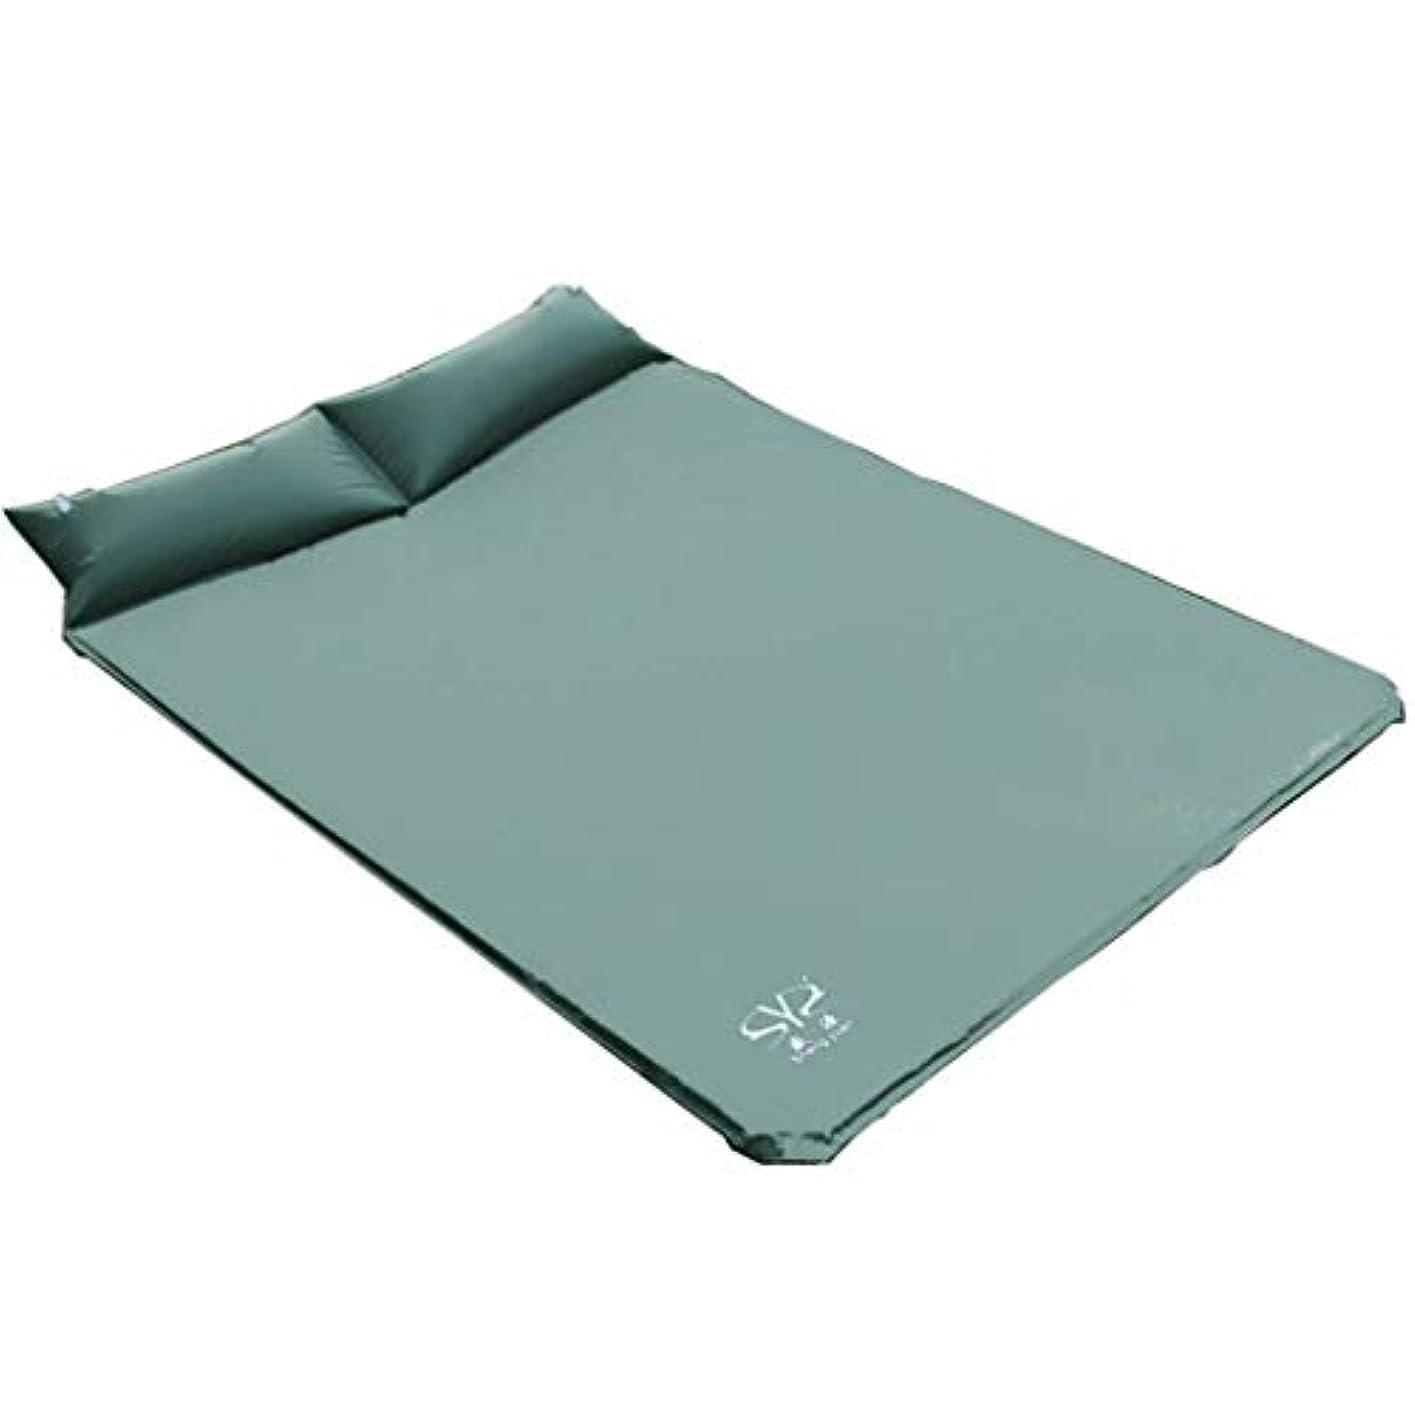 ヒューマニスティックホイッスル保存する屋外のテントの睡眠のマットの空気ベッドを厚くする継ぎ目がある自動膨脹可能なクッション